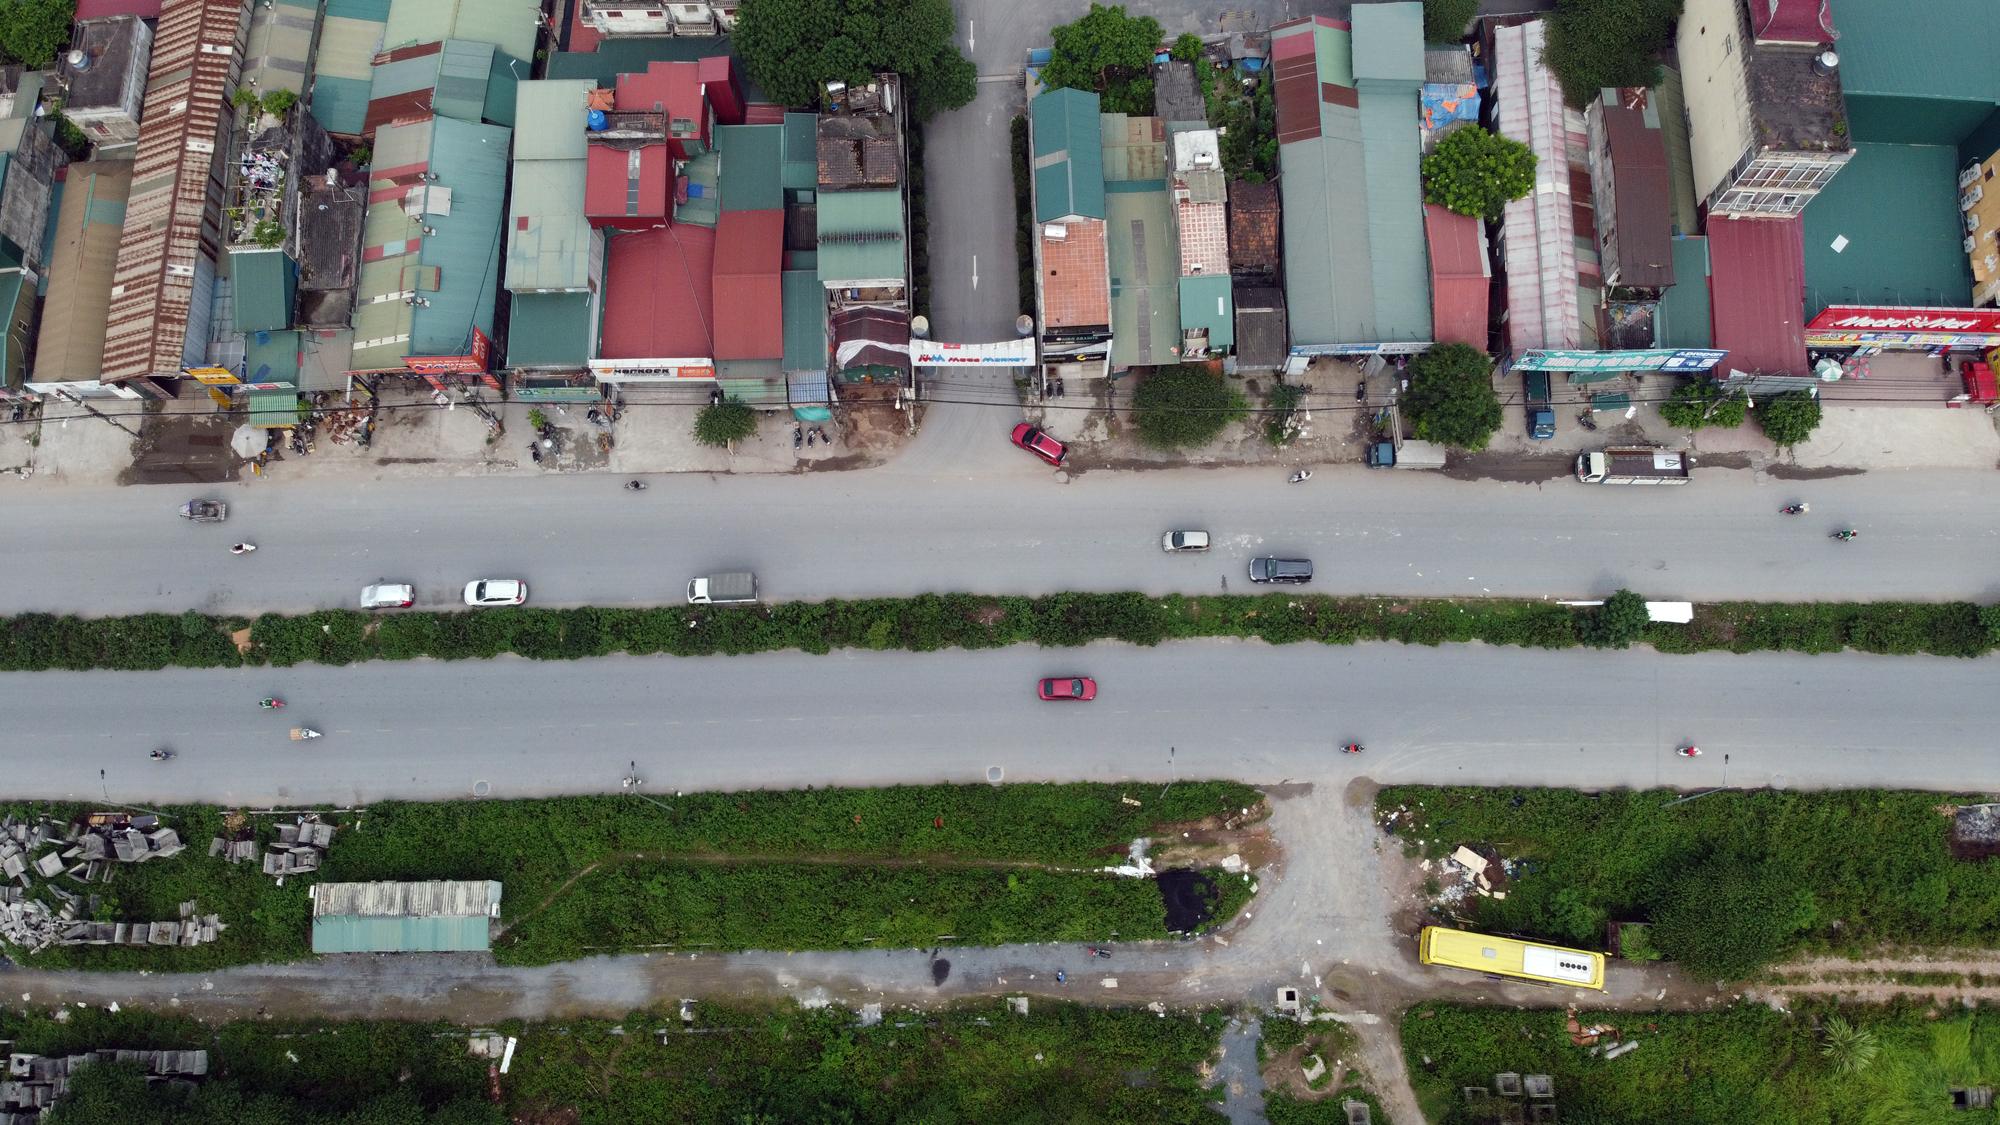 Dự án mở rộng đường Tam Trinh hơn 2.000 tỉ đồng sau 4 năm mới làm được vài trăm mét - Ảnh 3.